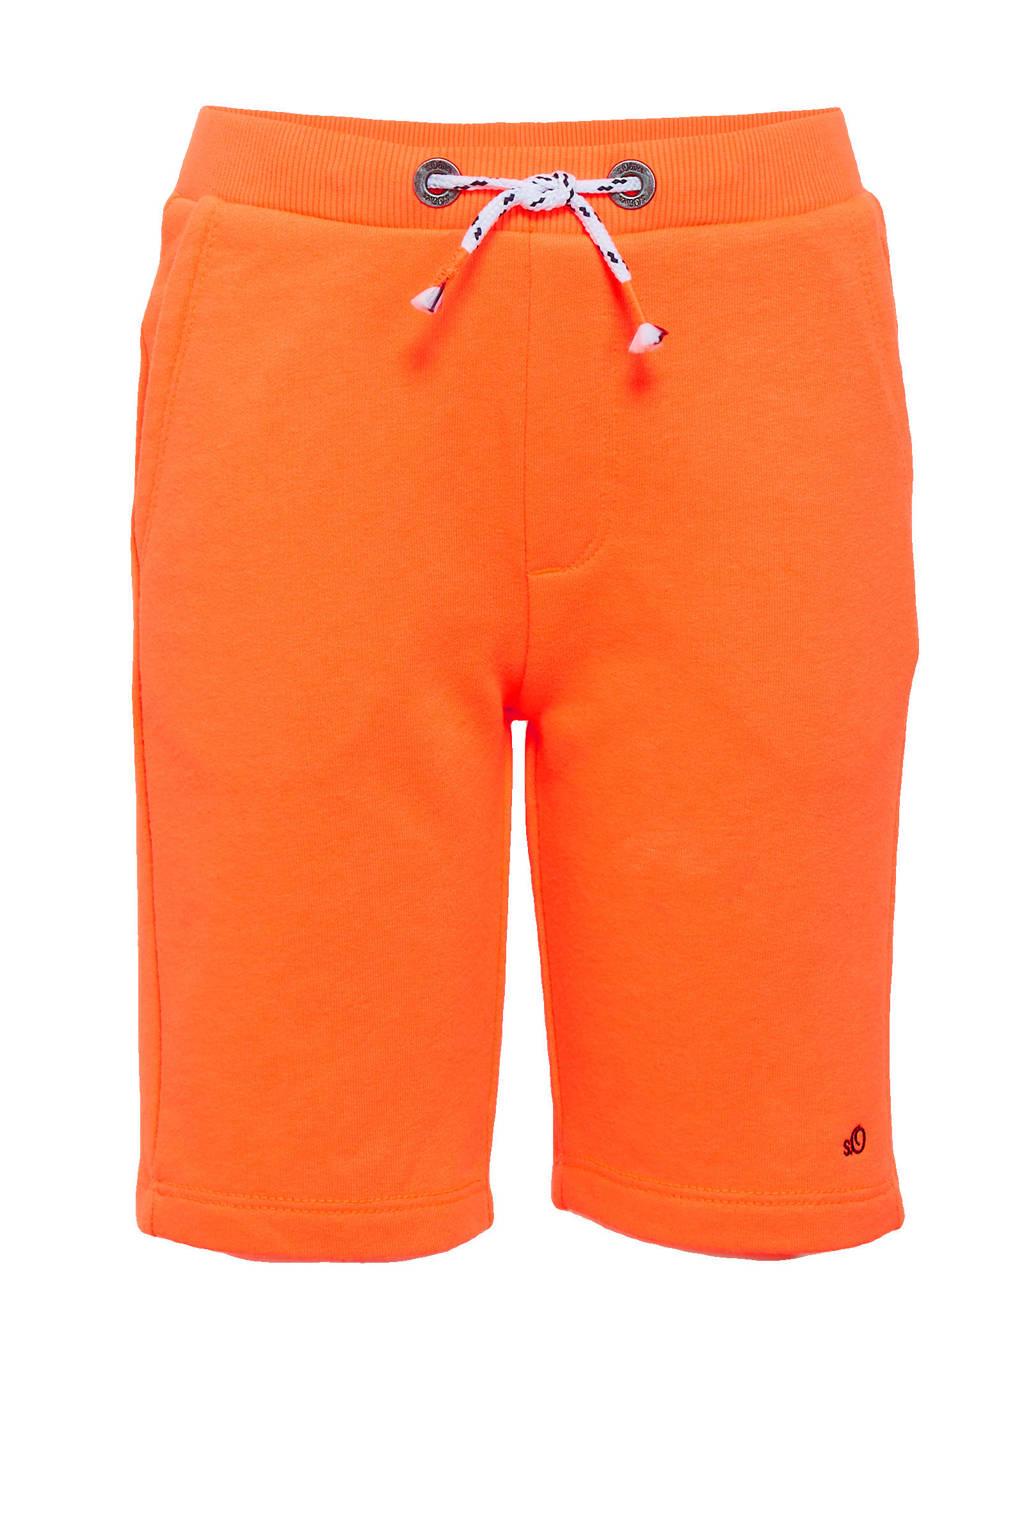 s.Oliver slim fit sweatshort oranje, Oranje